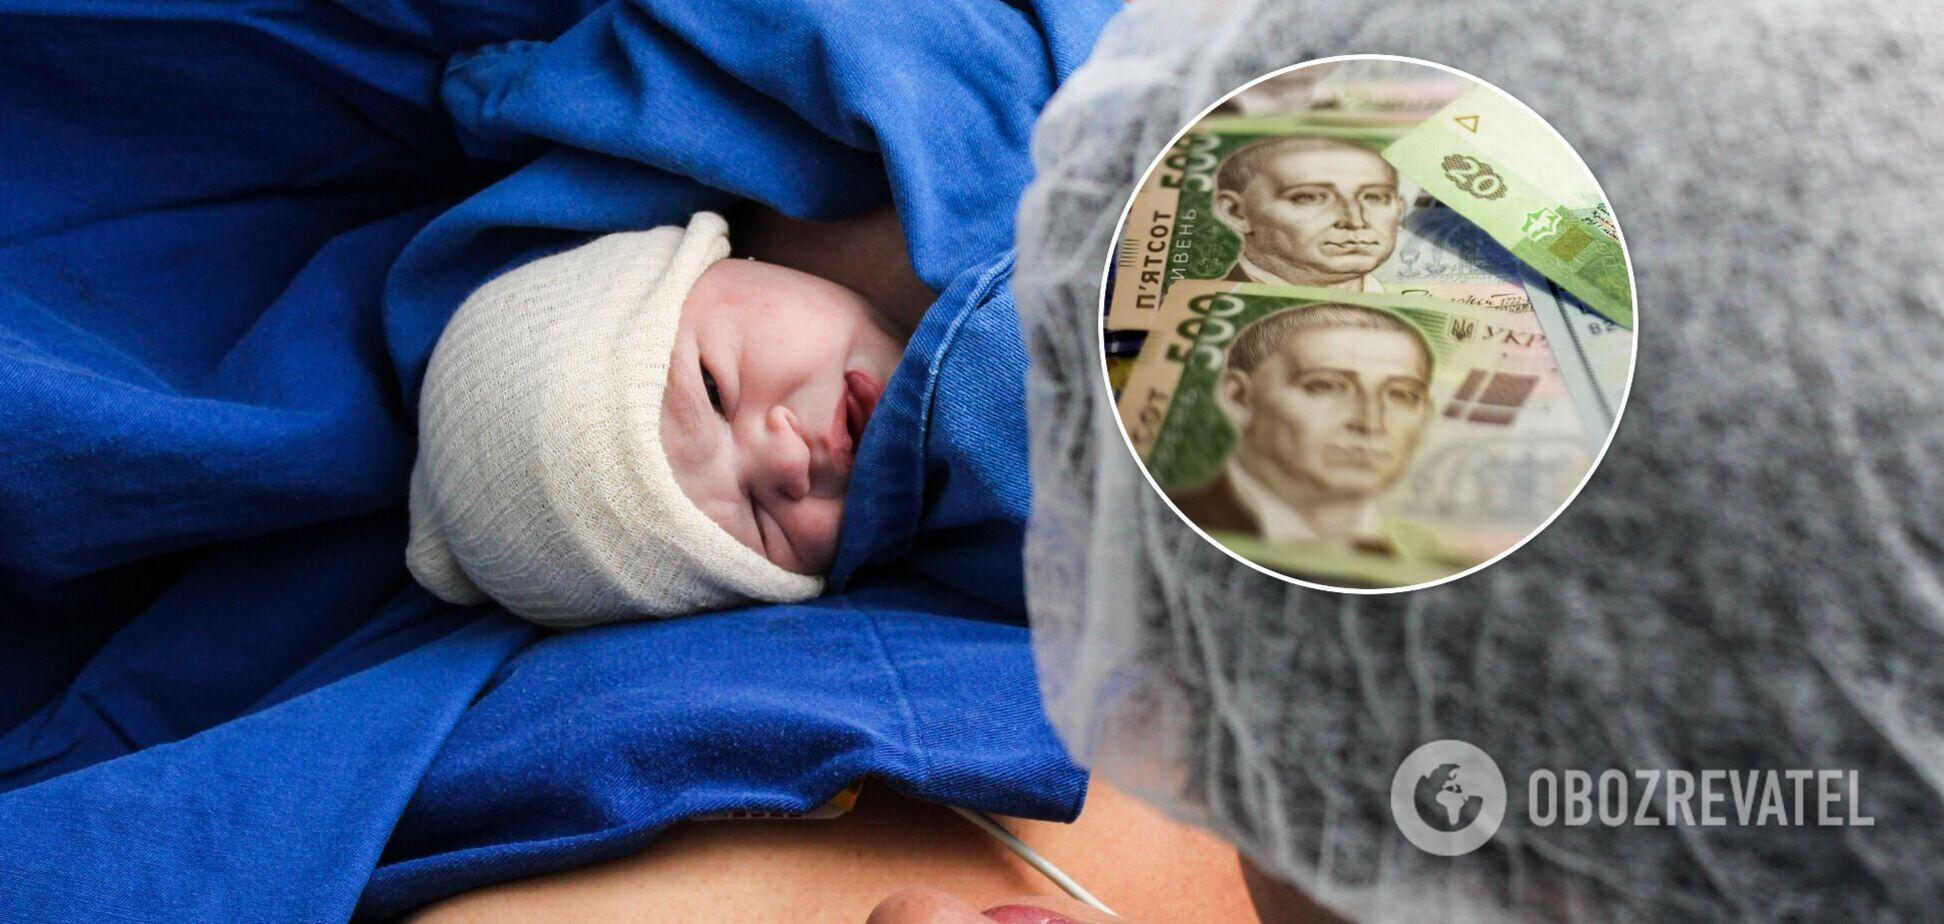 Помощь при рождении ребенка хотят увеличить